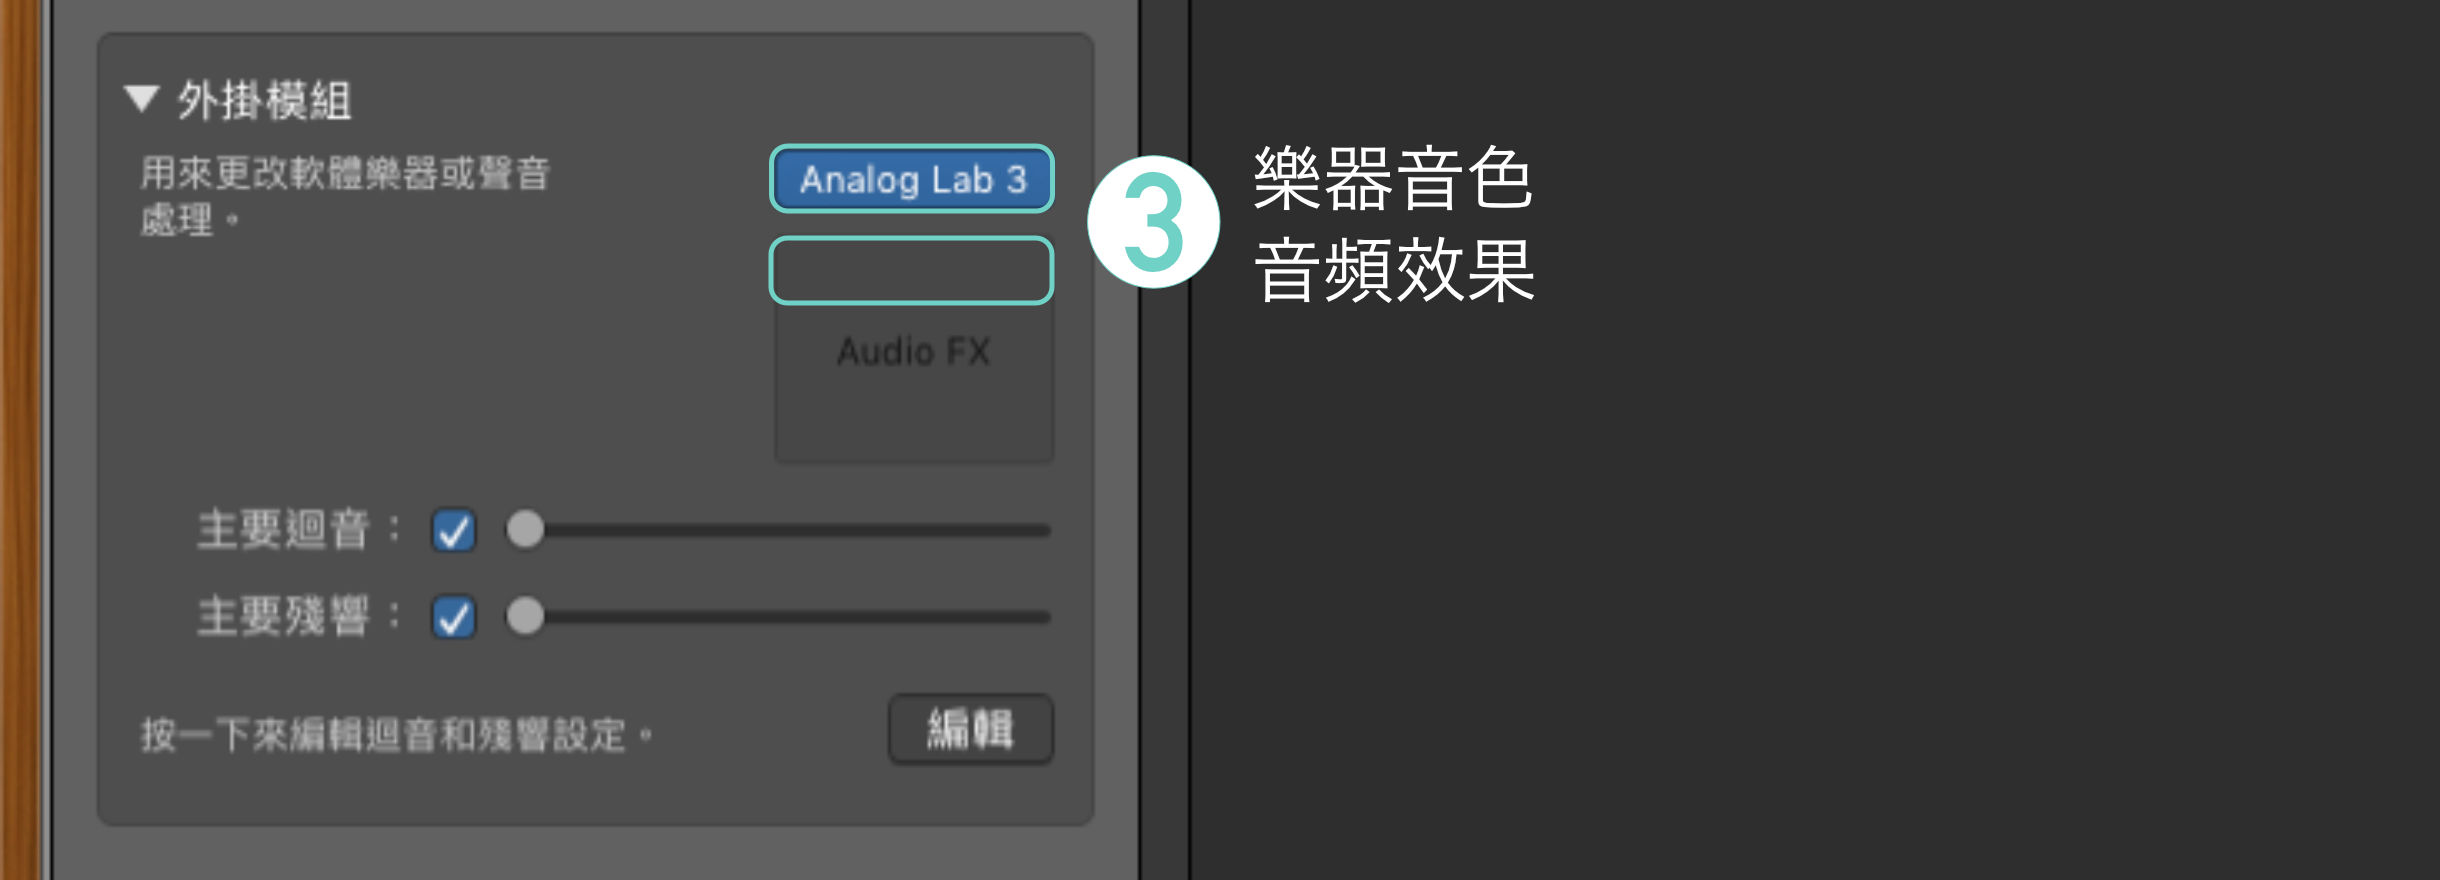 點選 ▶︎外掛模組 後會看見展開的 軟體樂器(上)與 音頻效果 (下)的插槽;點擊插槽後即可掛載需要的插件。